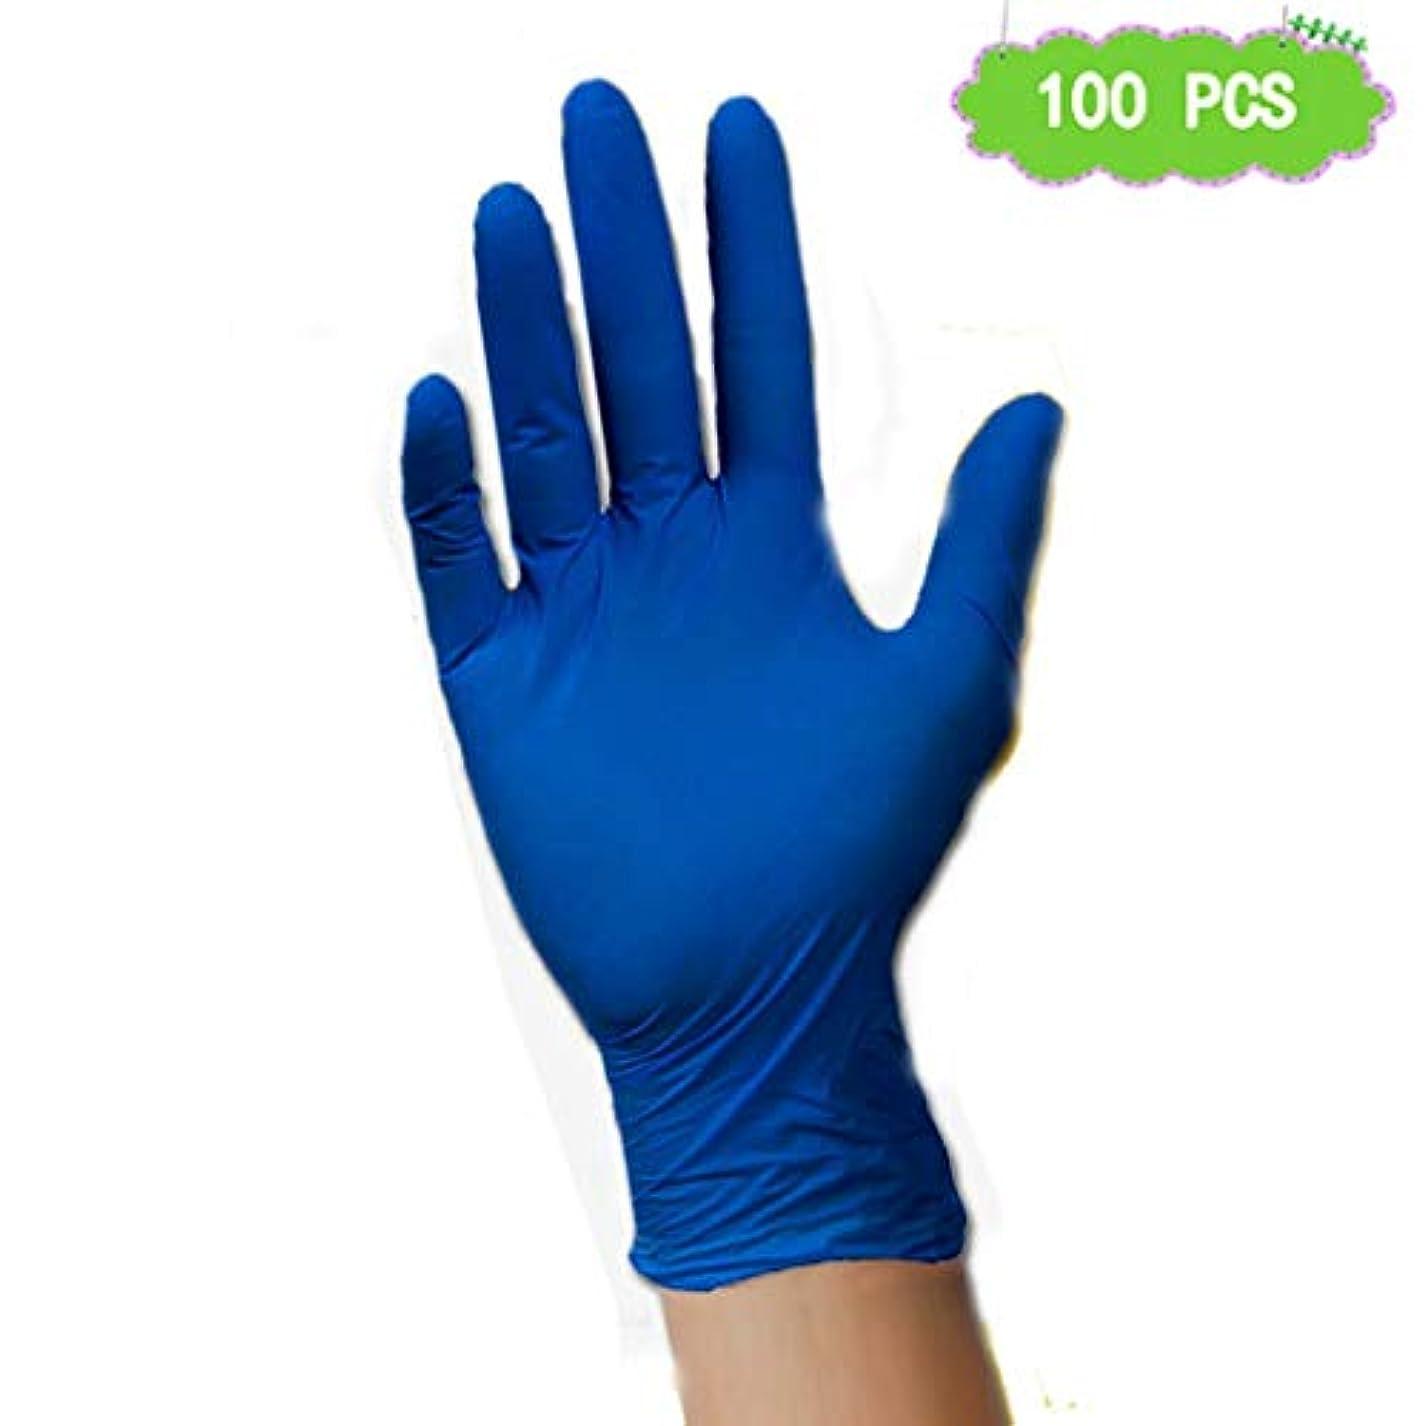 起きている一部無許可ニトリル手袋、滑り止め使い捨て手袋厚くされた耐油性キッチン浴室の労働保険厚くなる美容院ラテックスフリー、ダークブルーパウダーフリー、100個 (Size : L)